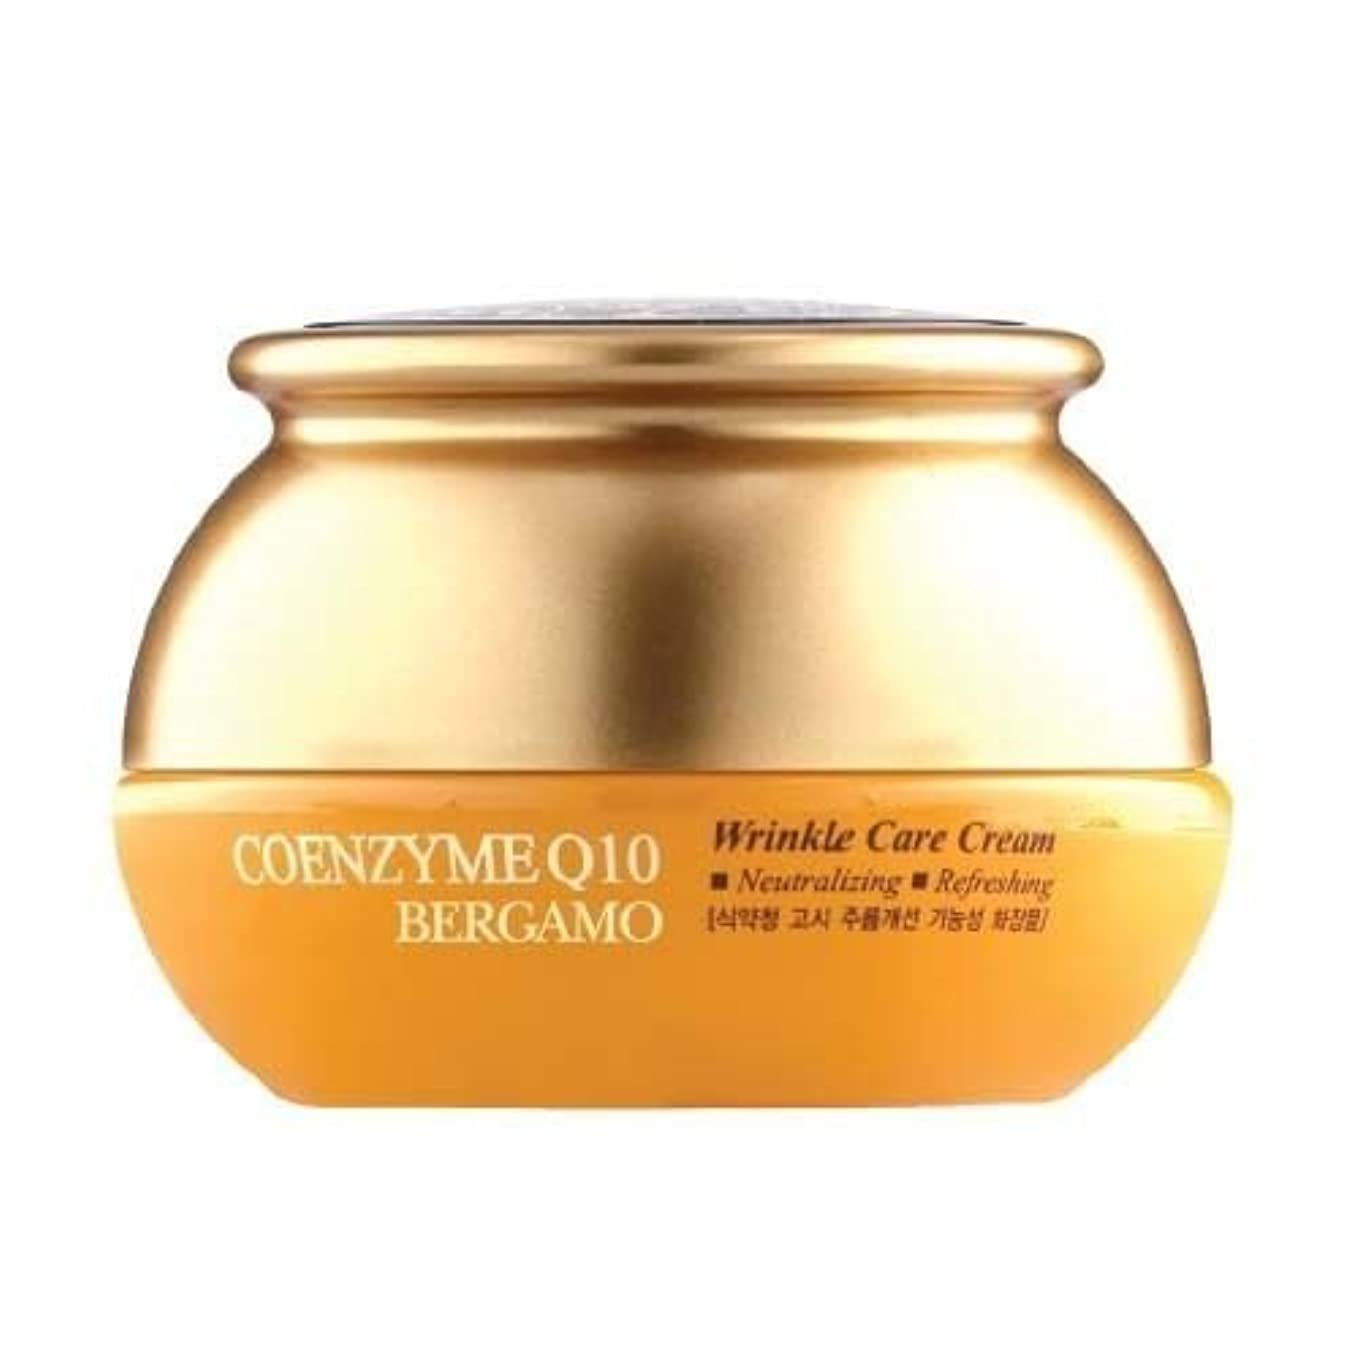 認める護衛ブラウザベルガモ[韓国コスメBergamo]Coenzyme Q10 Wrinkle Care Cream コエンザイムQ10リンクルケアクリーム50ml しわ管理 [並行輸入品]